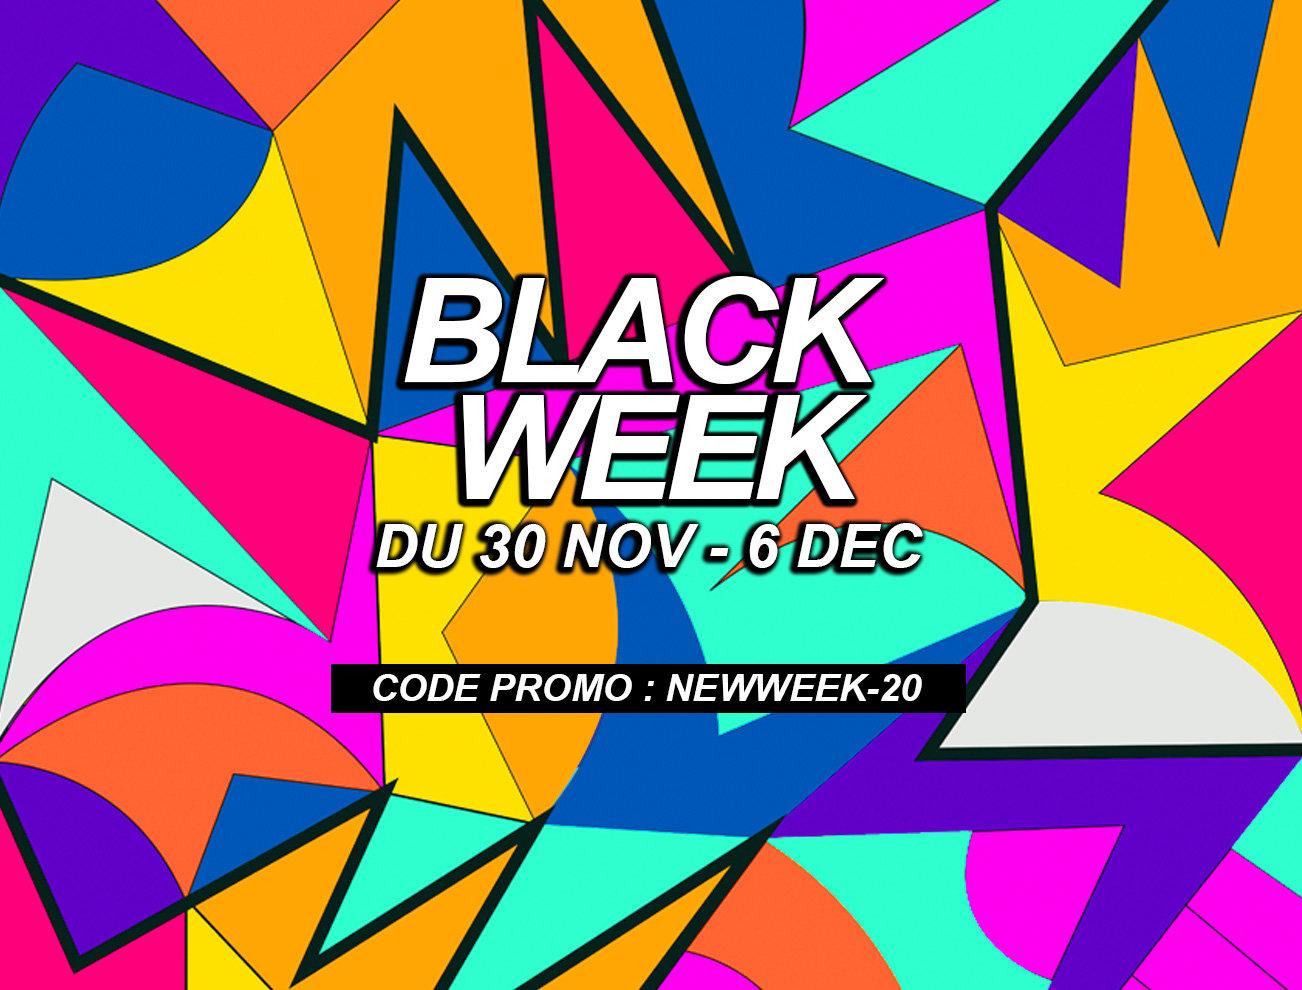 black-week-banner-web.jpg